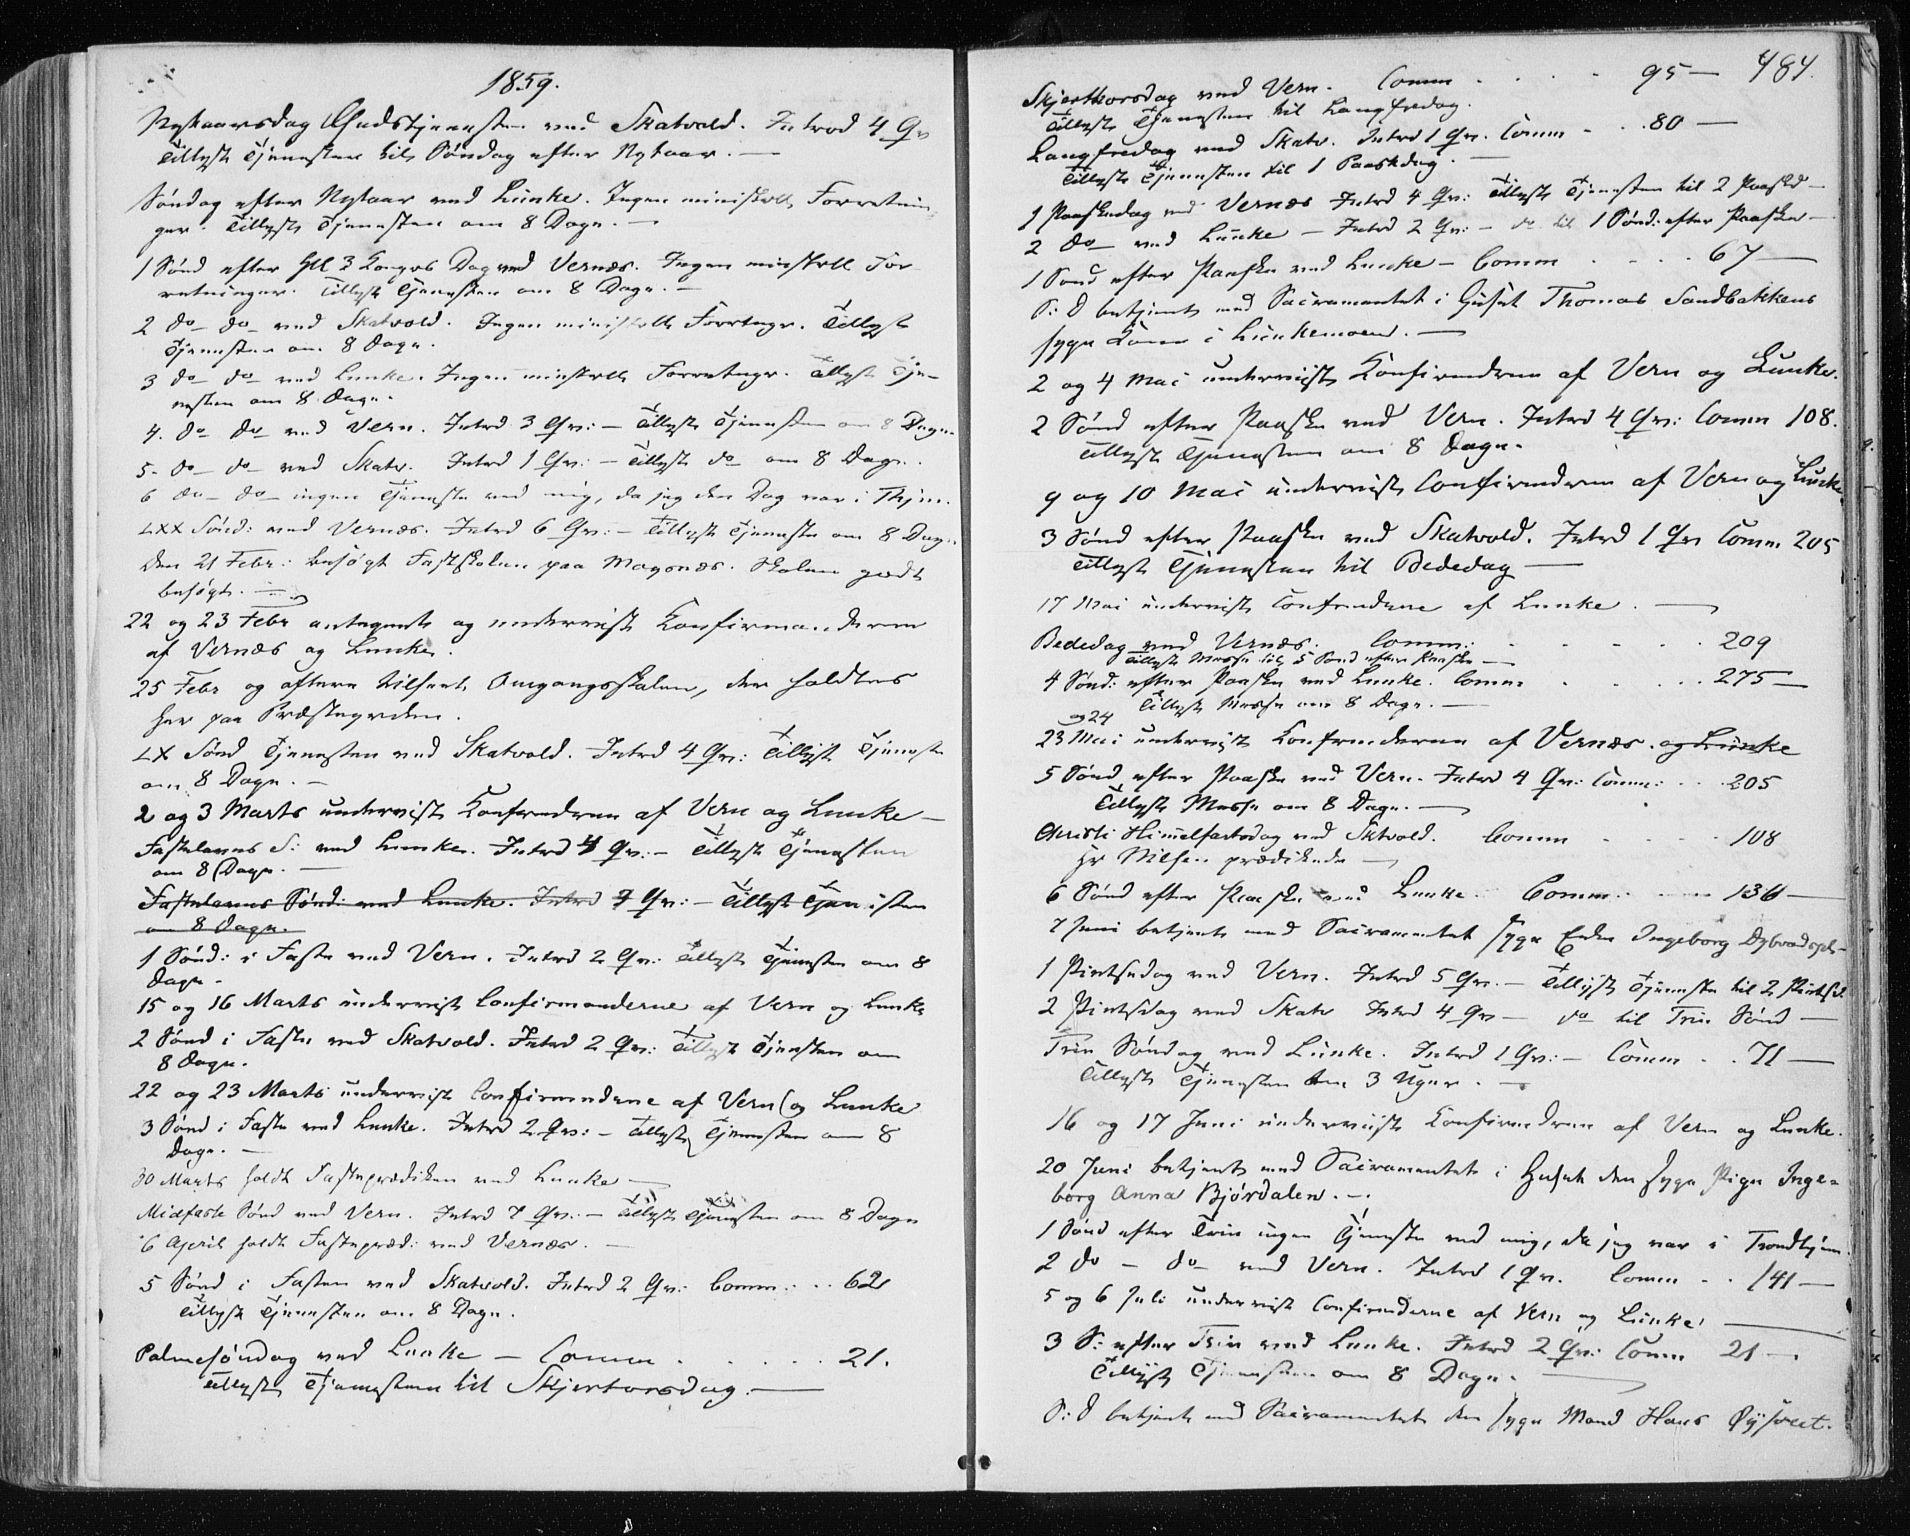 SAT, Ministerialprotokoller, klokkerbøker og fødselsregistre - Nord-Trøndelag, 709/L0075: Ministerialbok nr. 709A15, 1859-1870, s. 484